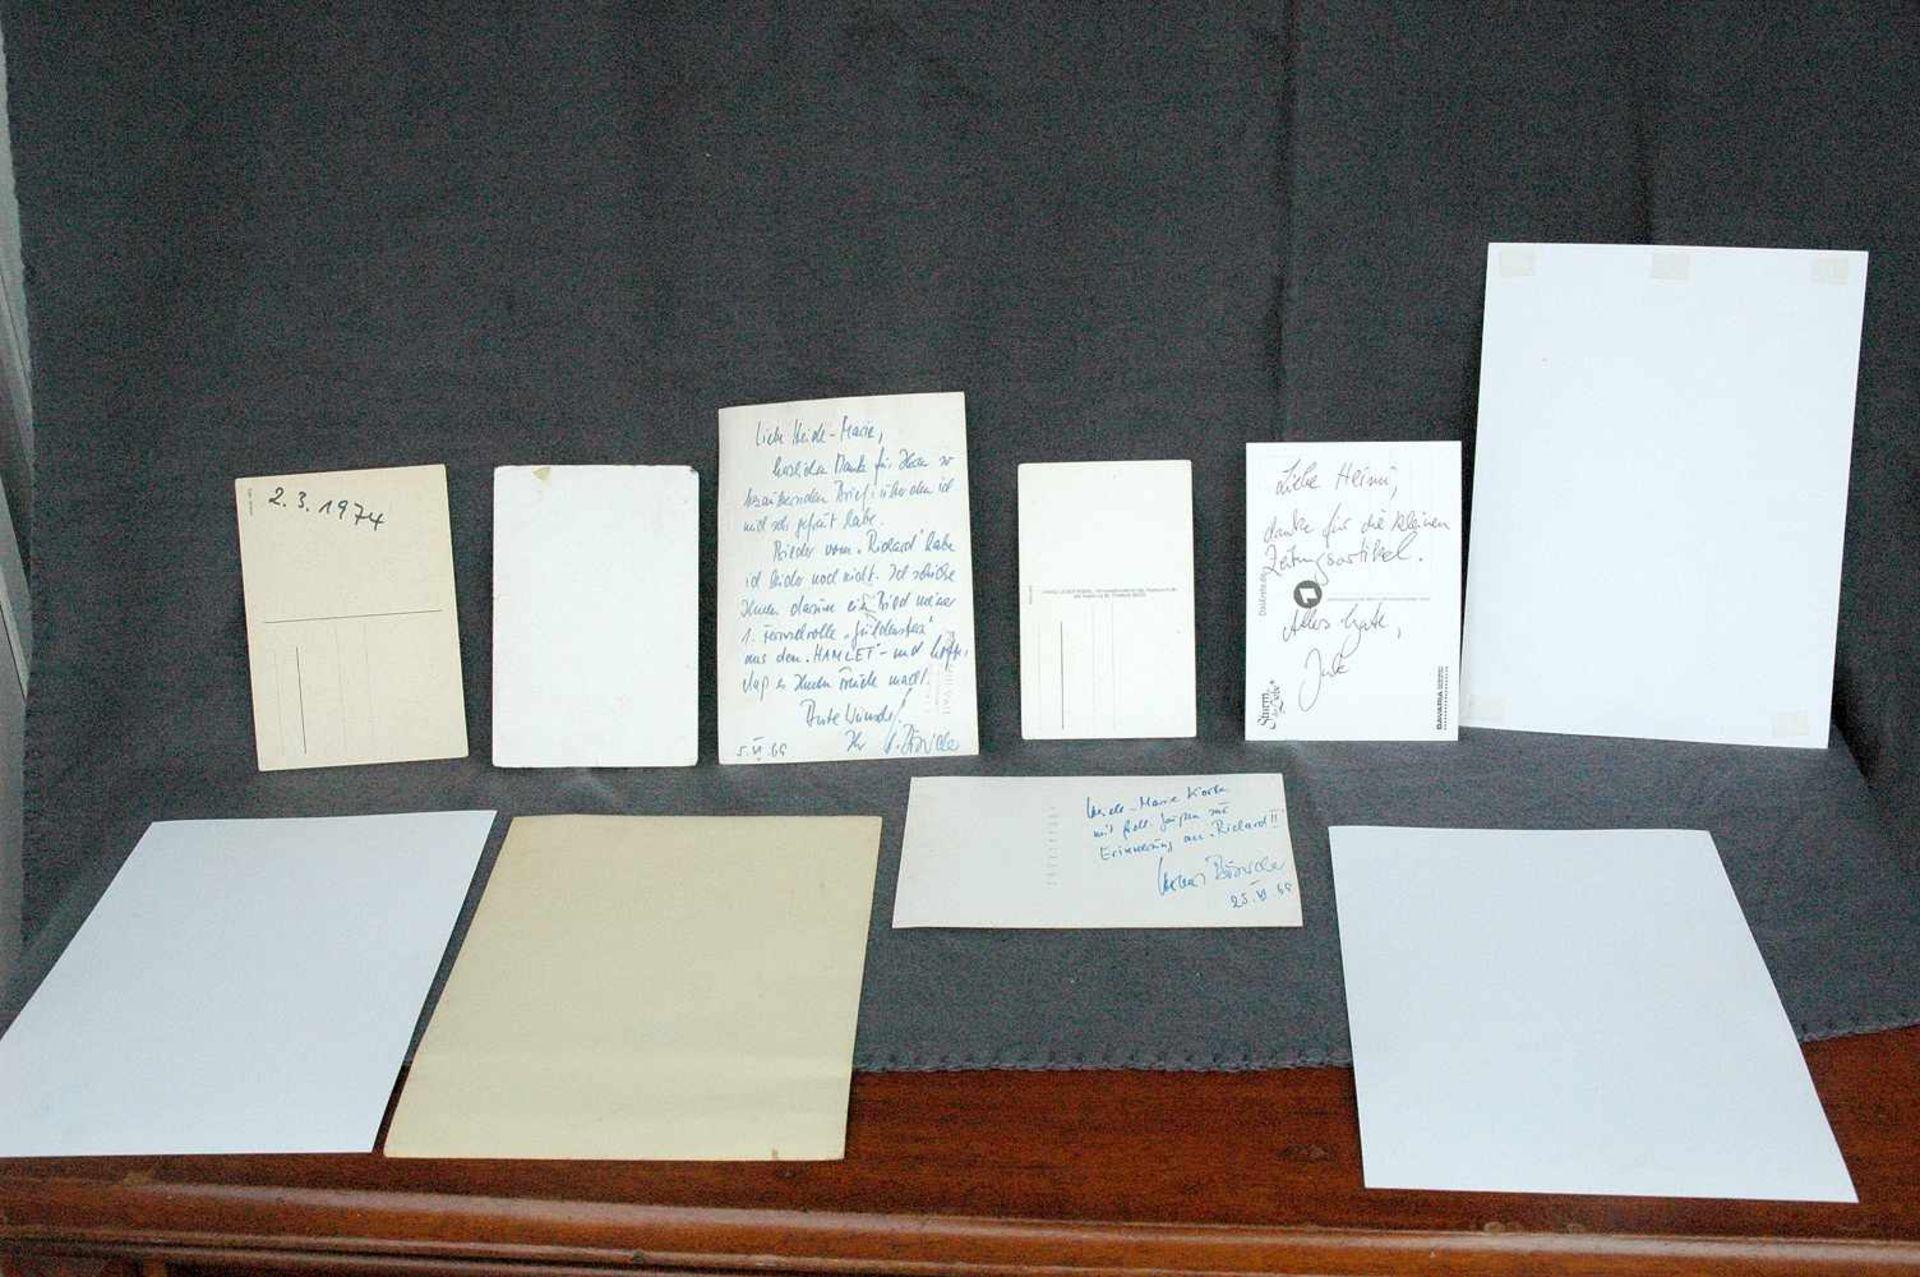 7 Autogramm-Karten: Kevin Johnson, Amadeus August, 2x ?, Wolfgang Völz, Catharine Weyer (?), Julia - Bild 2 aus 2